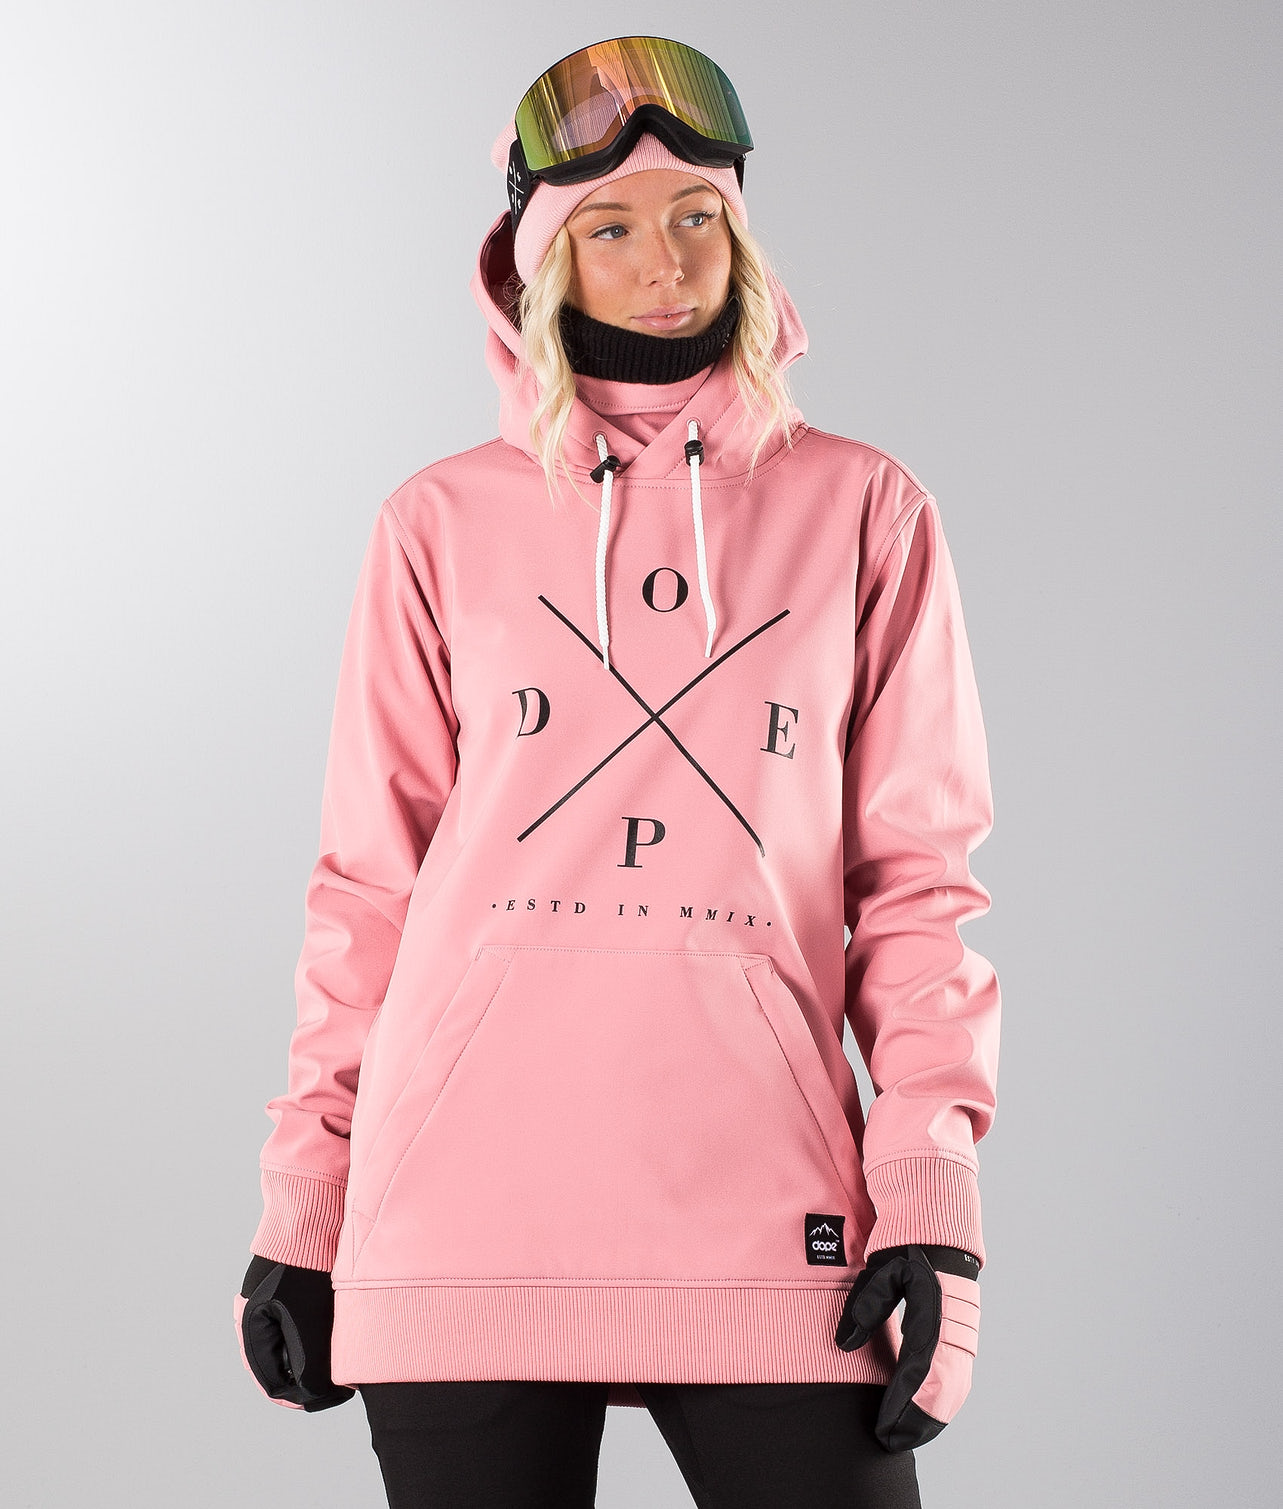 Köp Yeti Snowboardjacka från Dope på Ridestore.se Hos oss har du alltid fri frakt, fri retur och 30 dagar öppet köp!